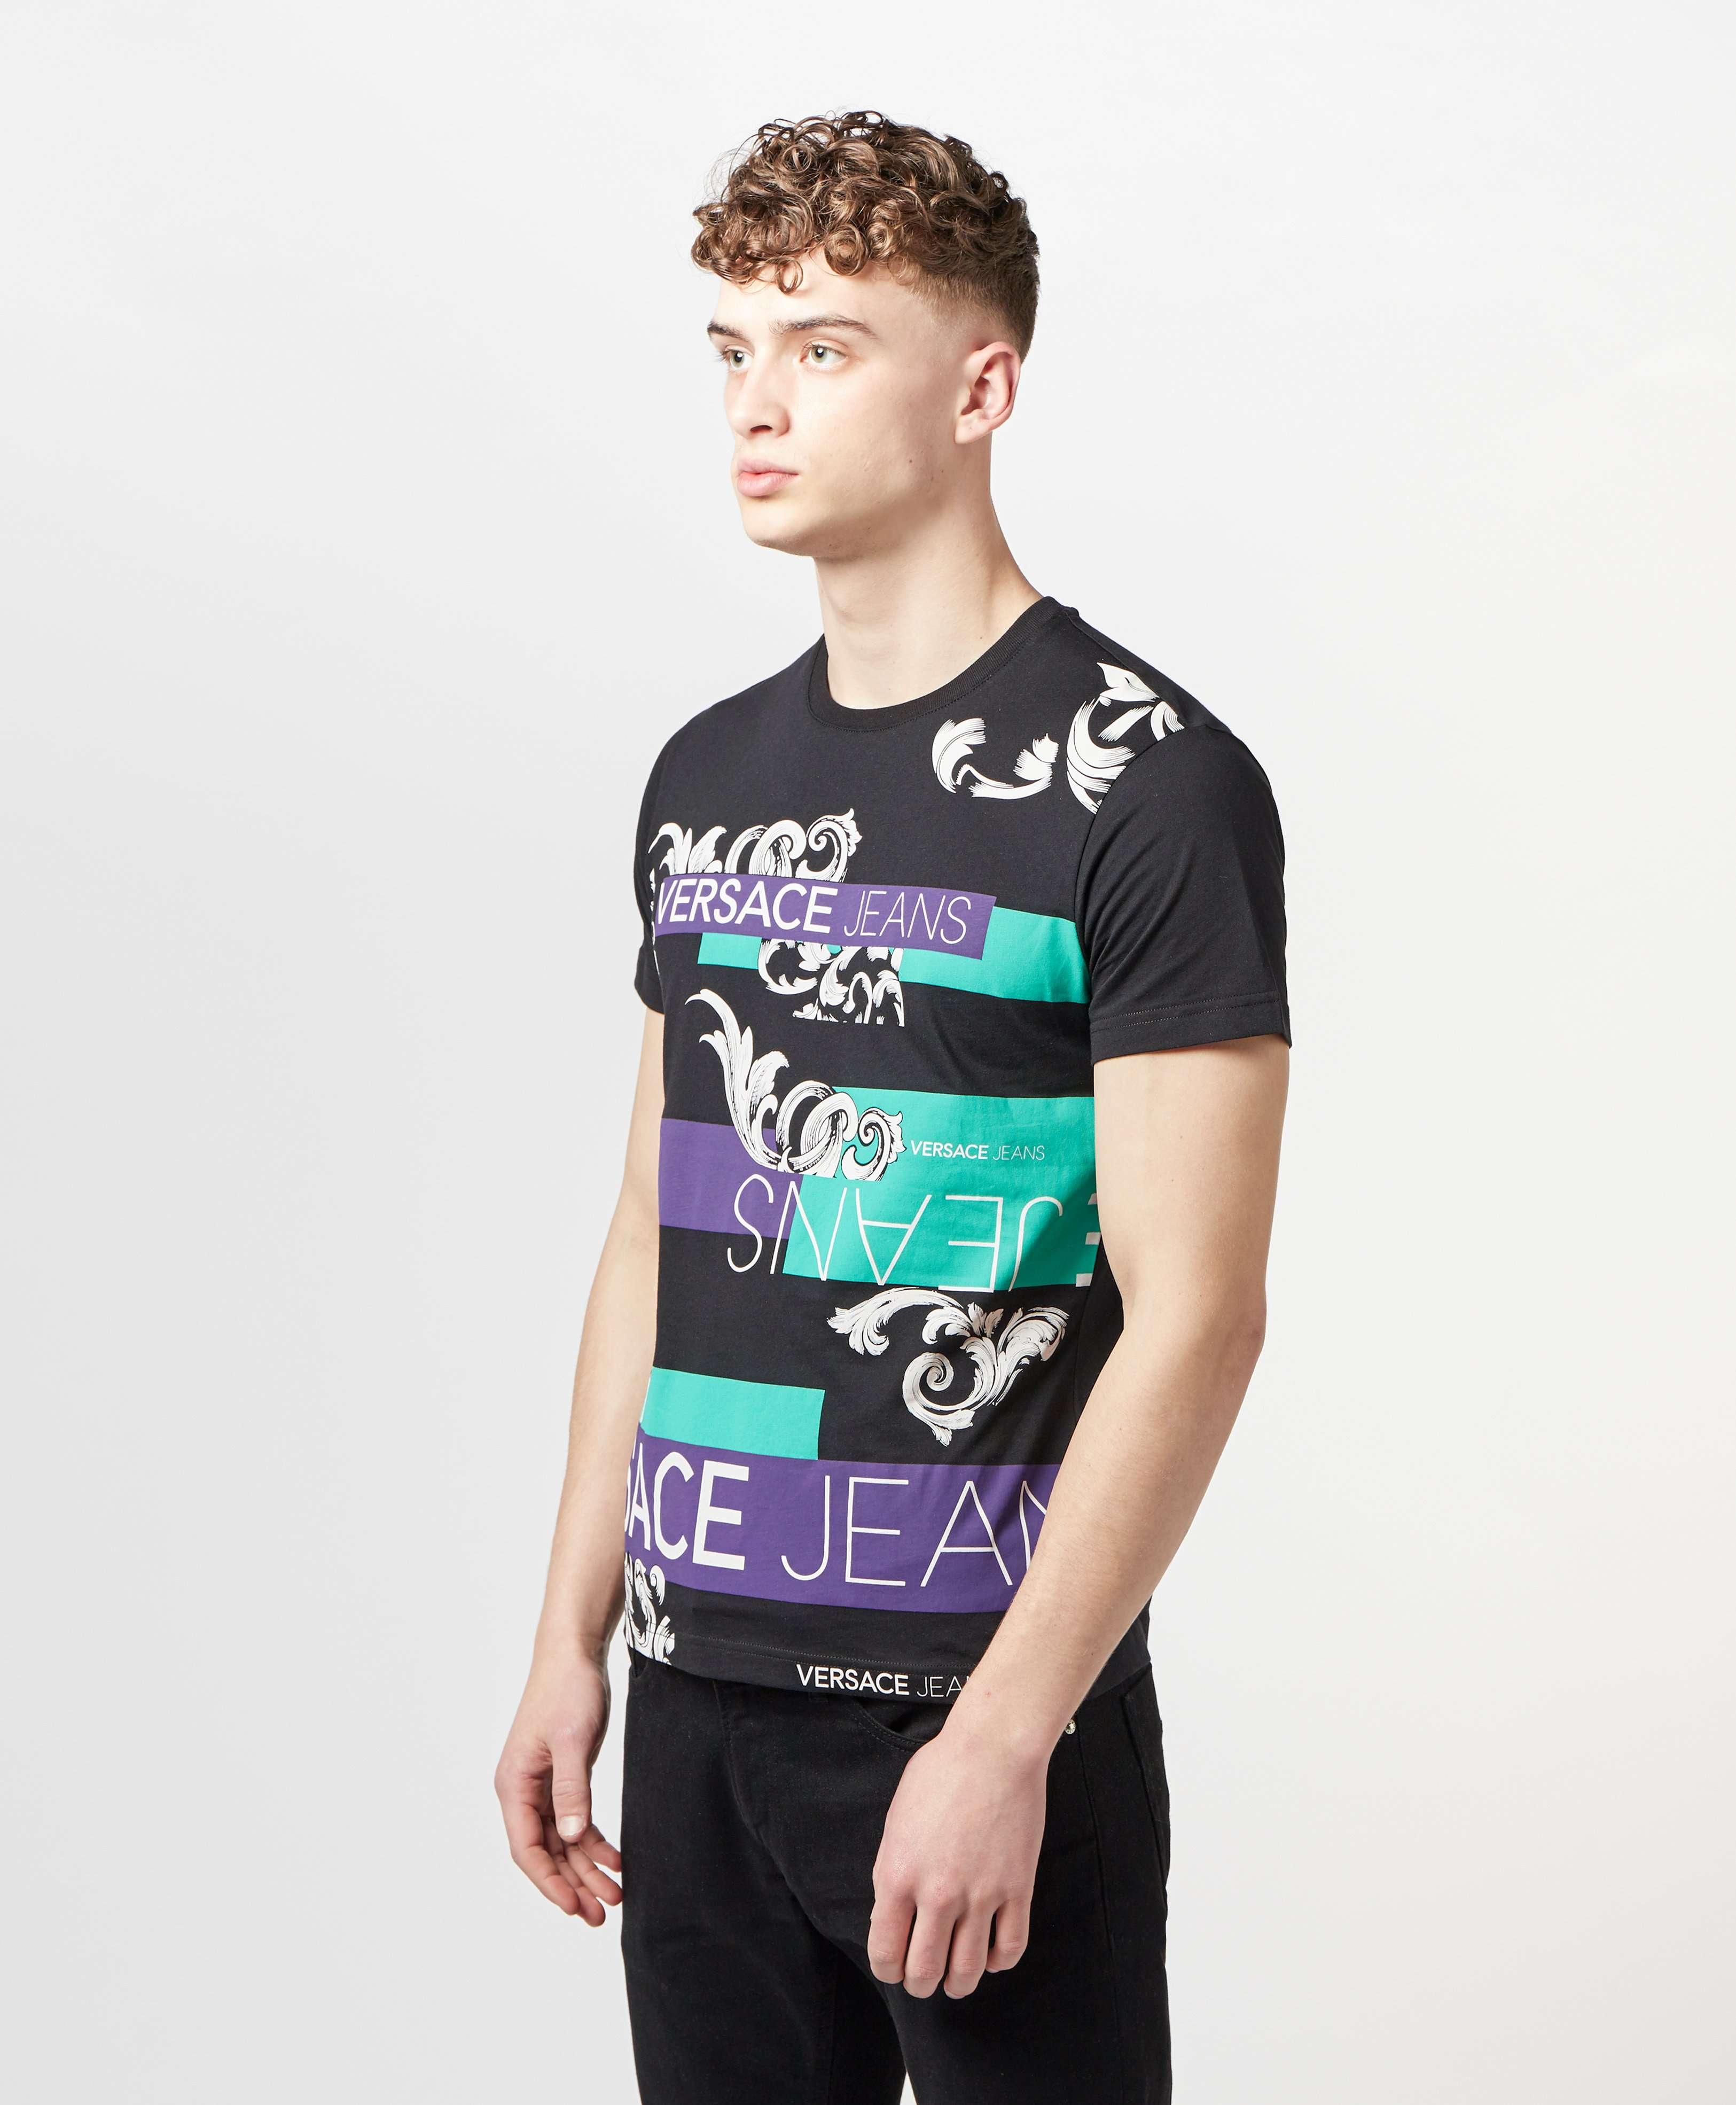 Versace Jeans Block Short Sleeve T-Shirt